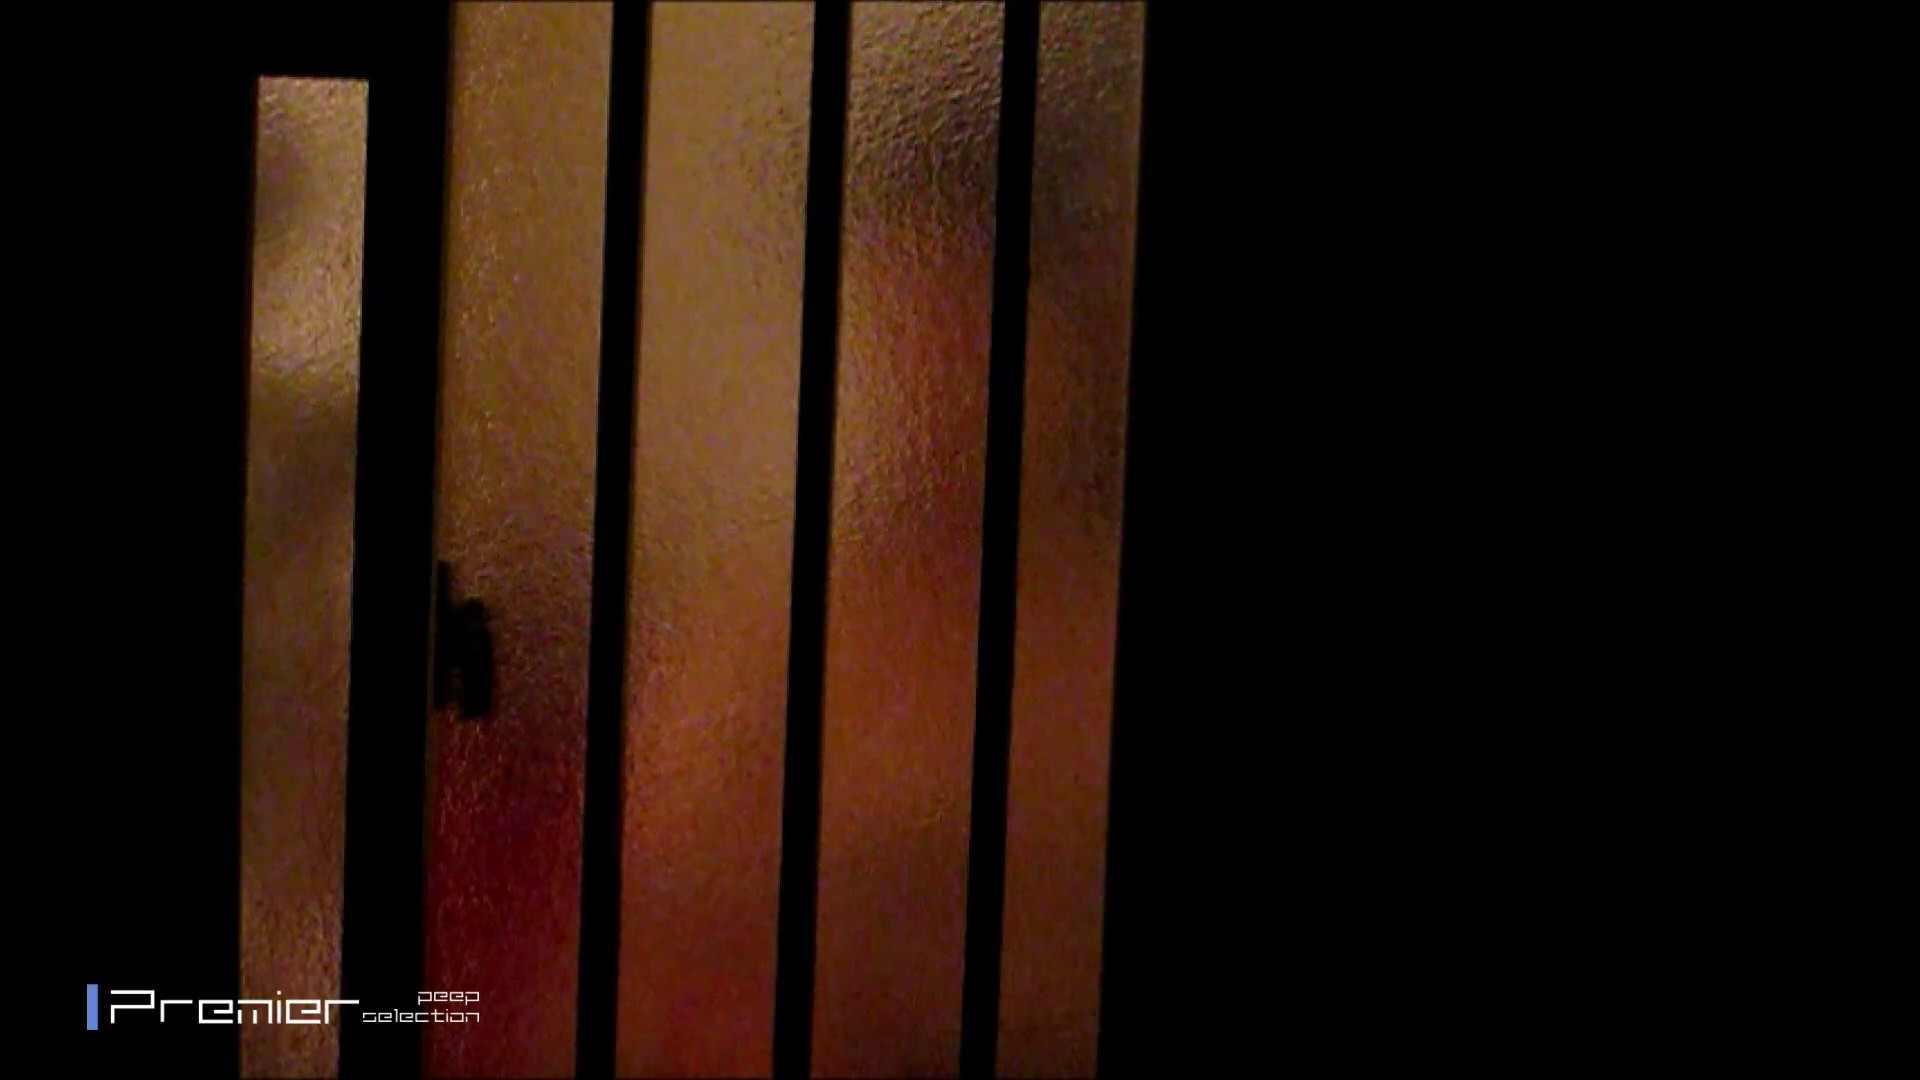 スレンダー美女の桃色乳首 乙女の風呂場 Vol.09 乳首 盗撮動画紹介 51pic 32